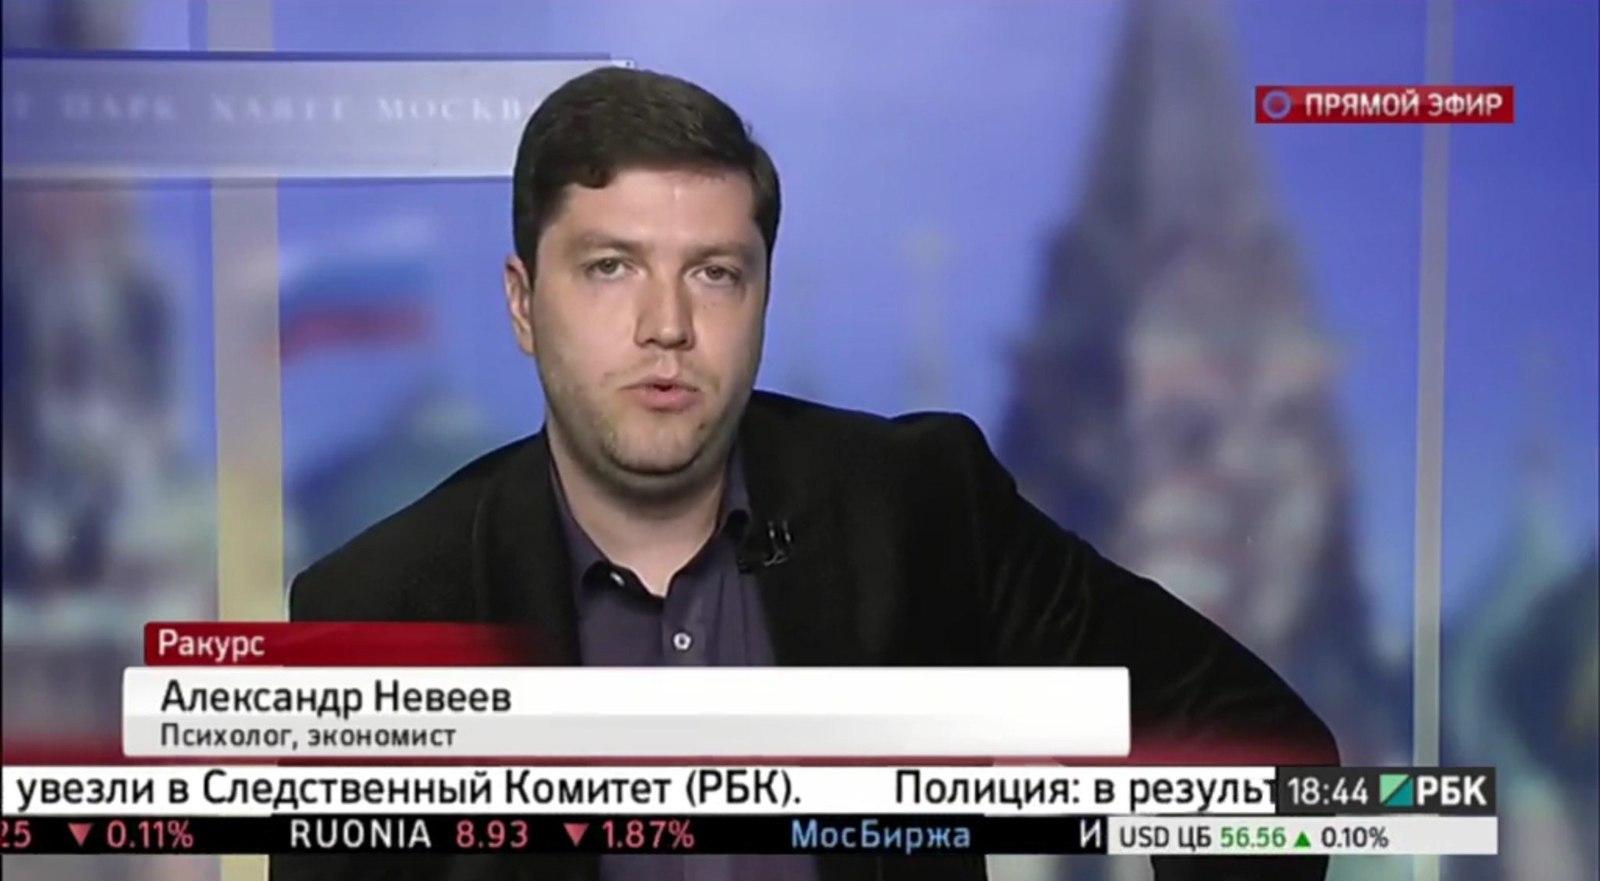 «Невеевщина» в украинской науке no pasaran, или Кто написал Невеева? 1